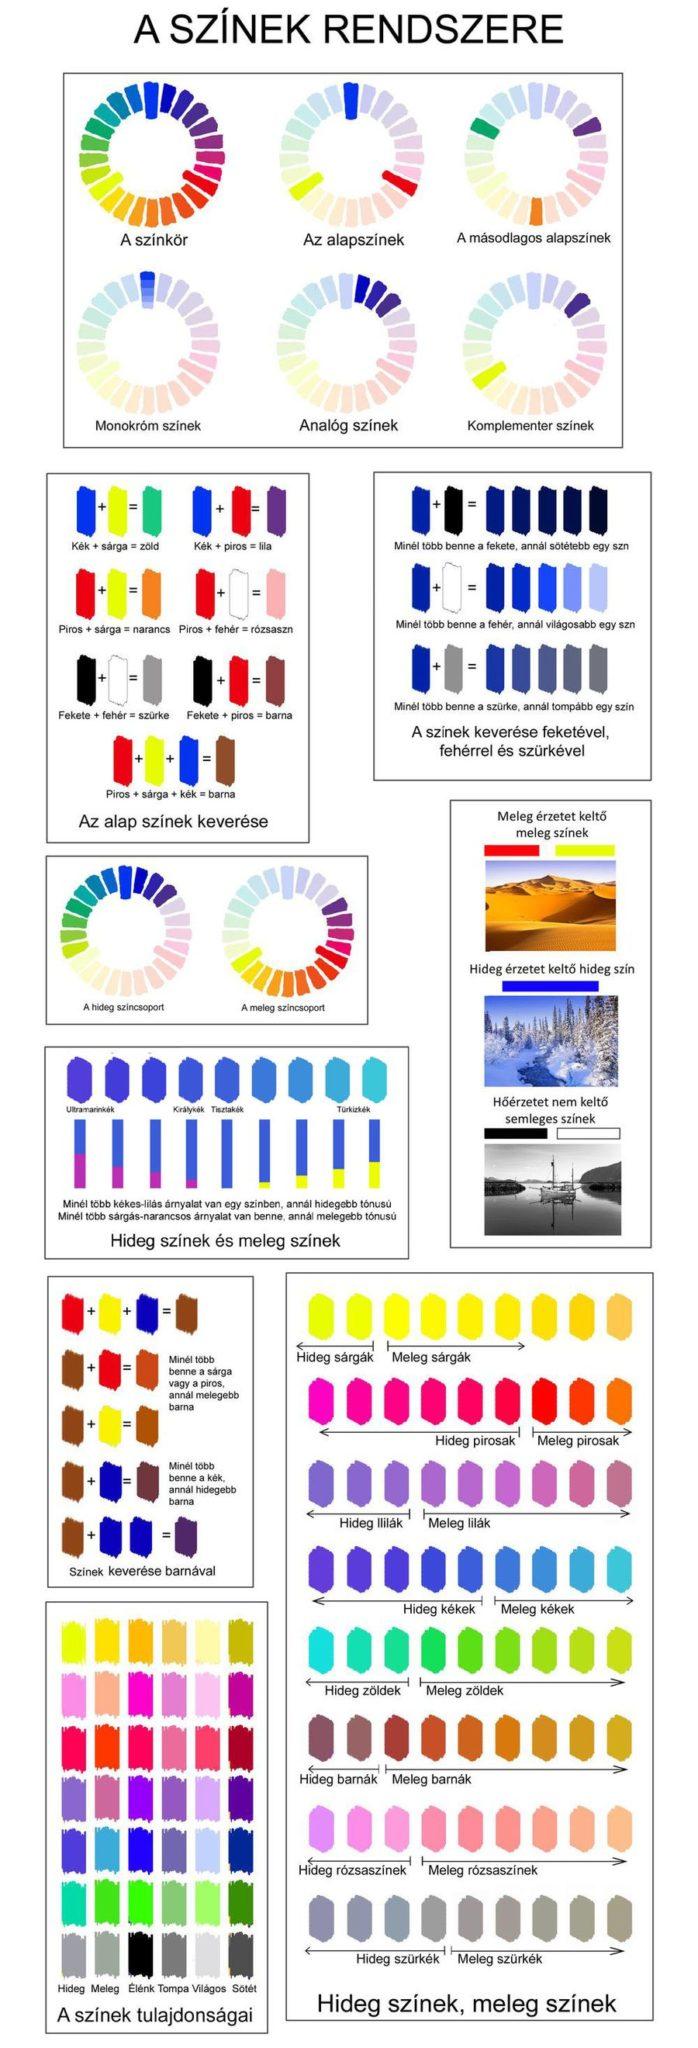 szinek összefoglaló táblázata